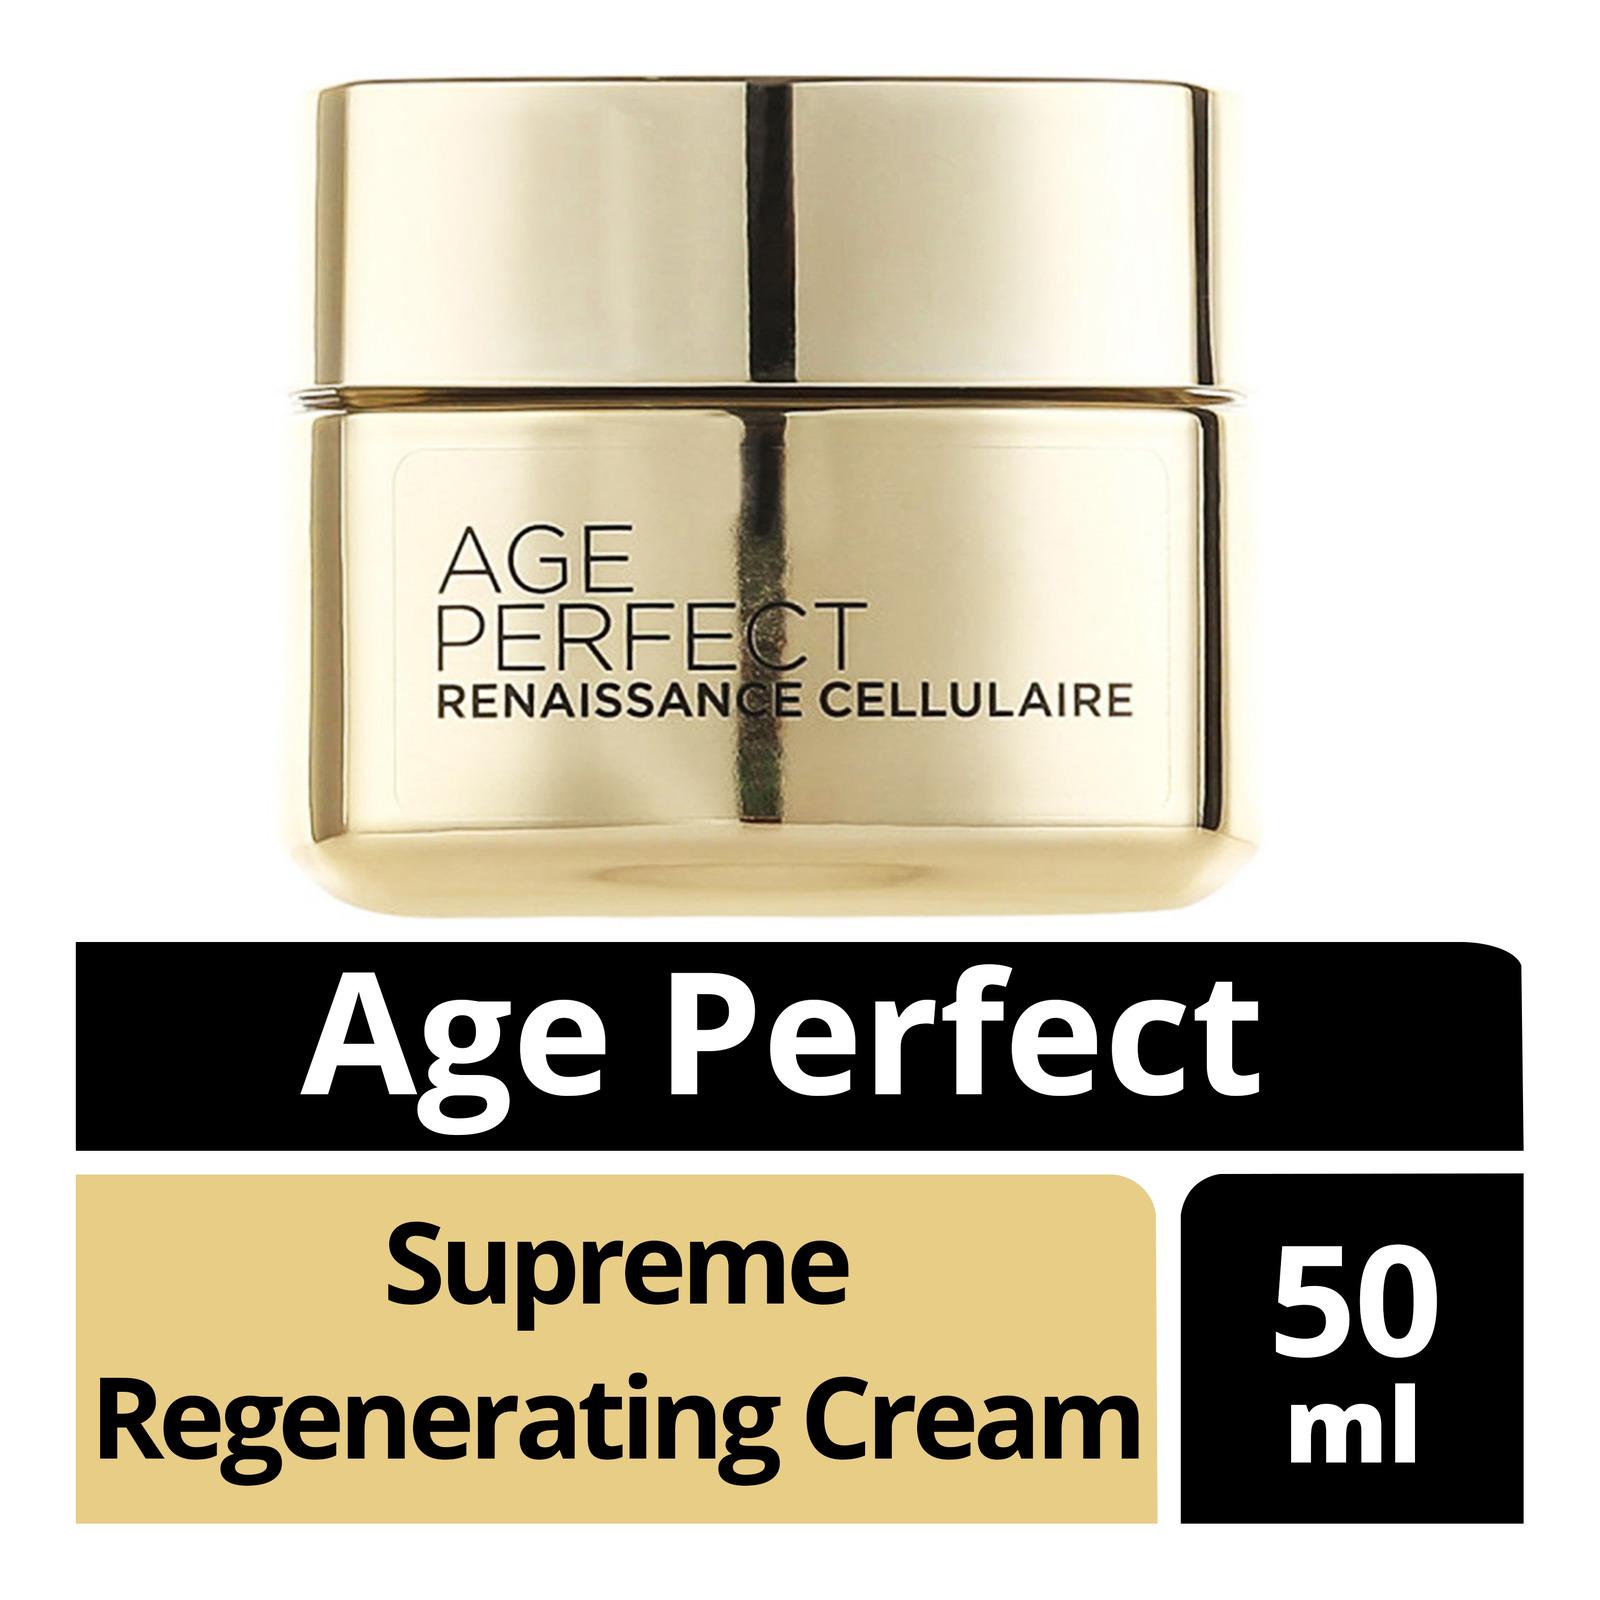 L'Oreal Paris Age Perfect Supreme Regenerating Cream